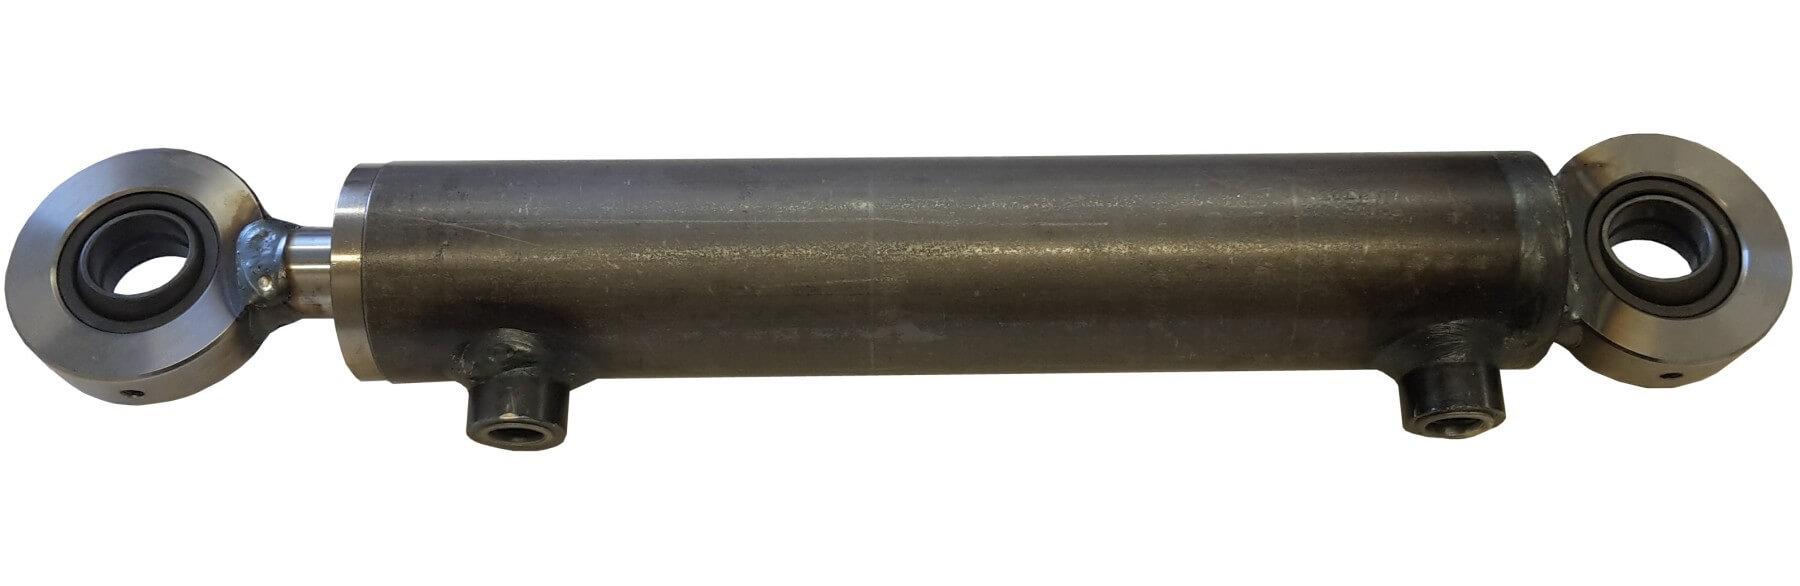 Hydraulisylinteri CL 40. 25. 300 GE - Kailatec Oy Verkkokauppa